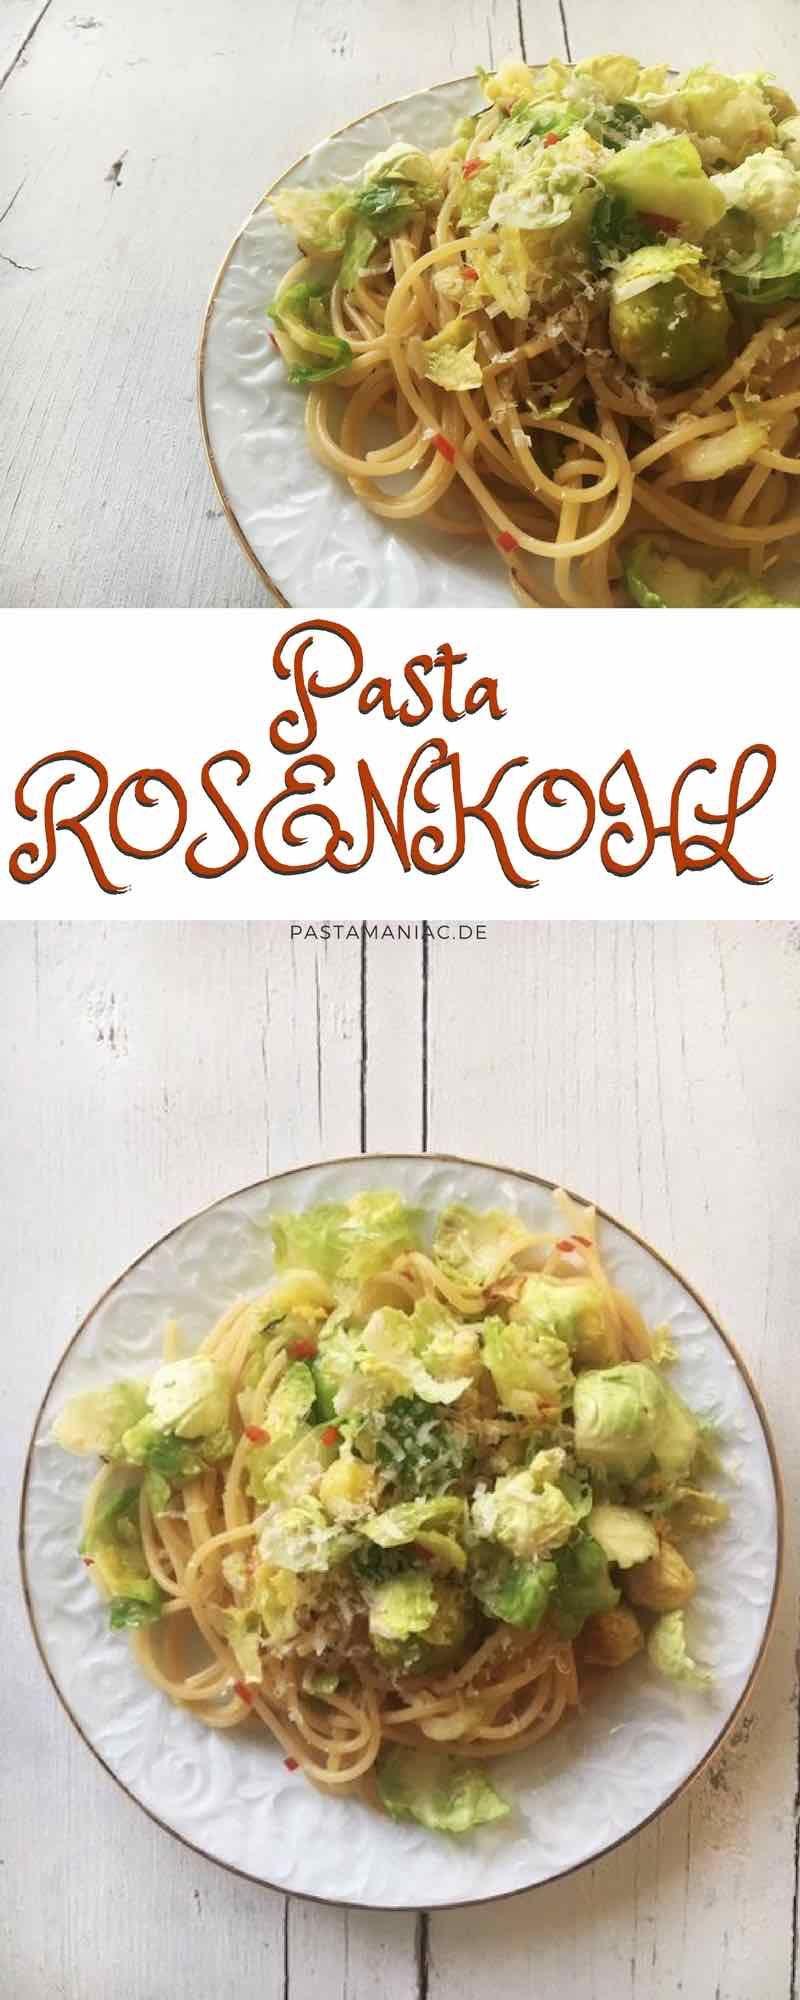 Gesund und lecker: Spaghetti mit Rosenkohl-Zitronen-Sauce.